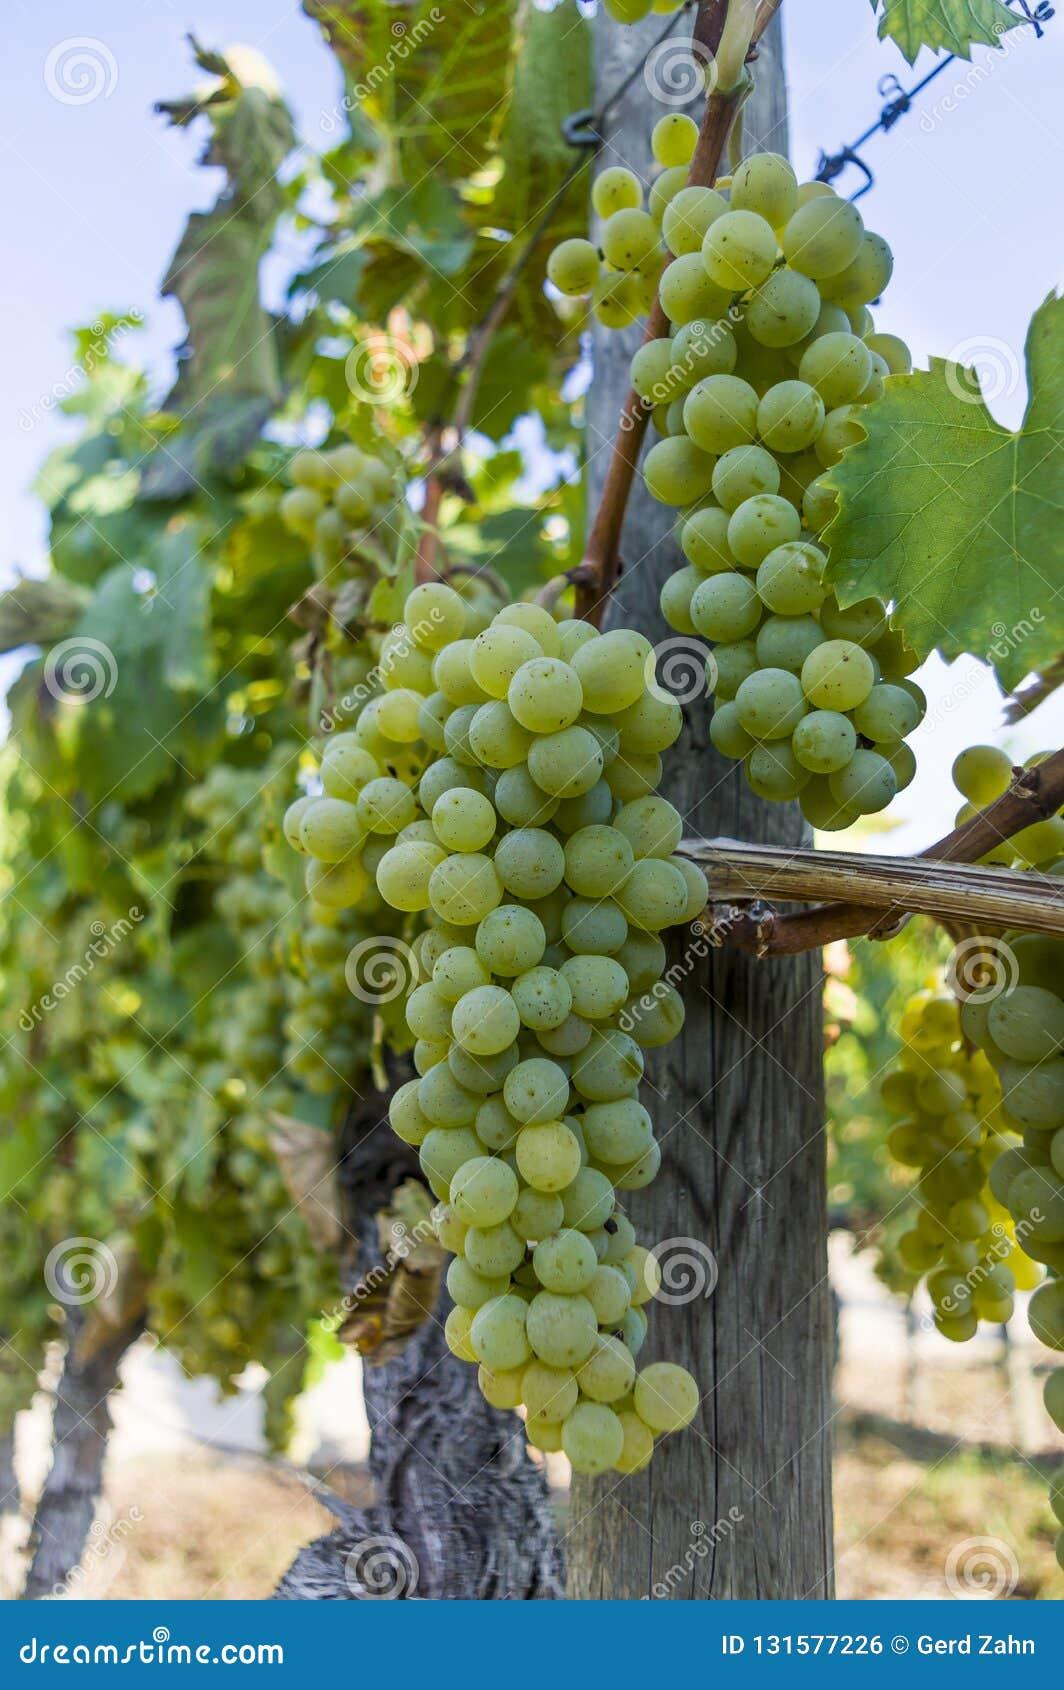 葡萄树用明亮的葡萄和莓果在明媚的阳光和天空蔚蓝下